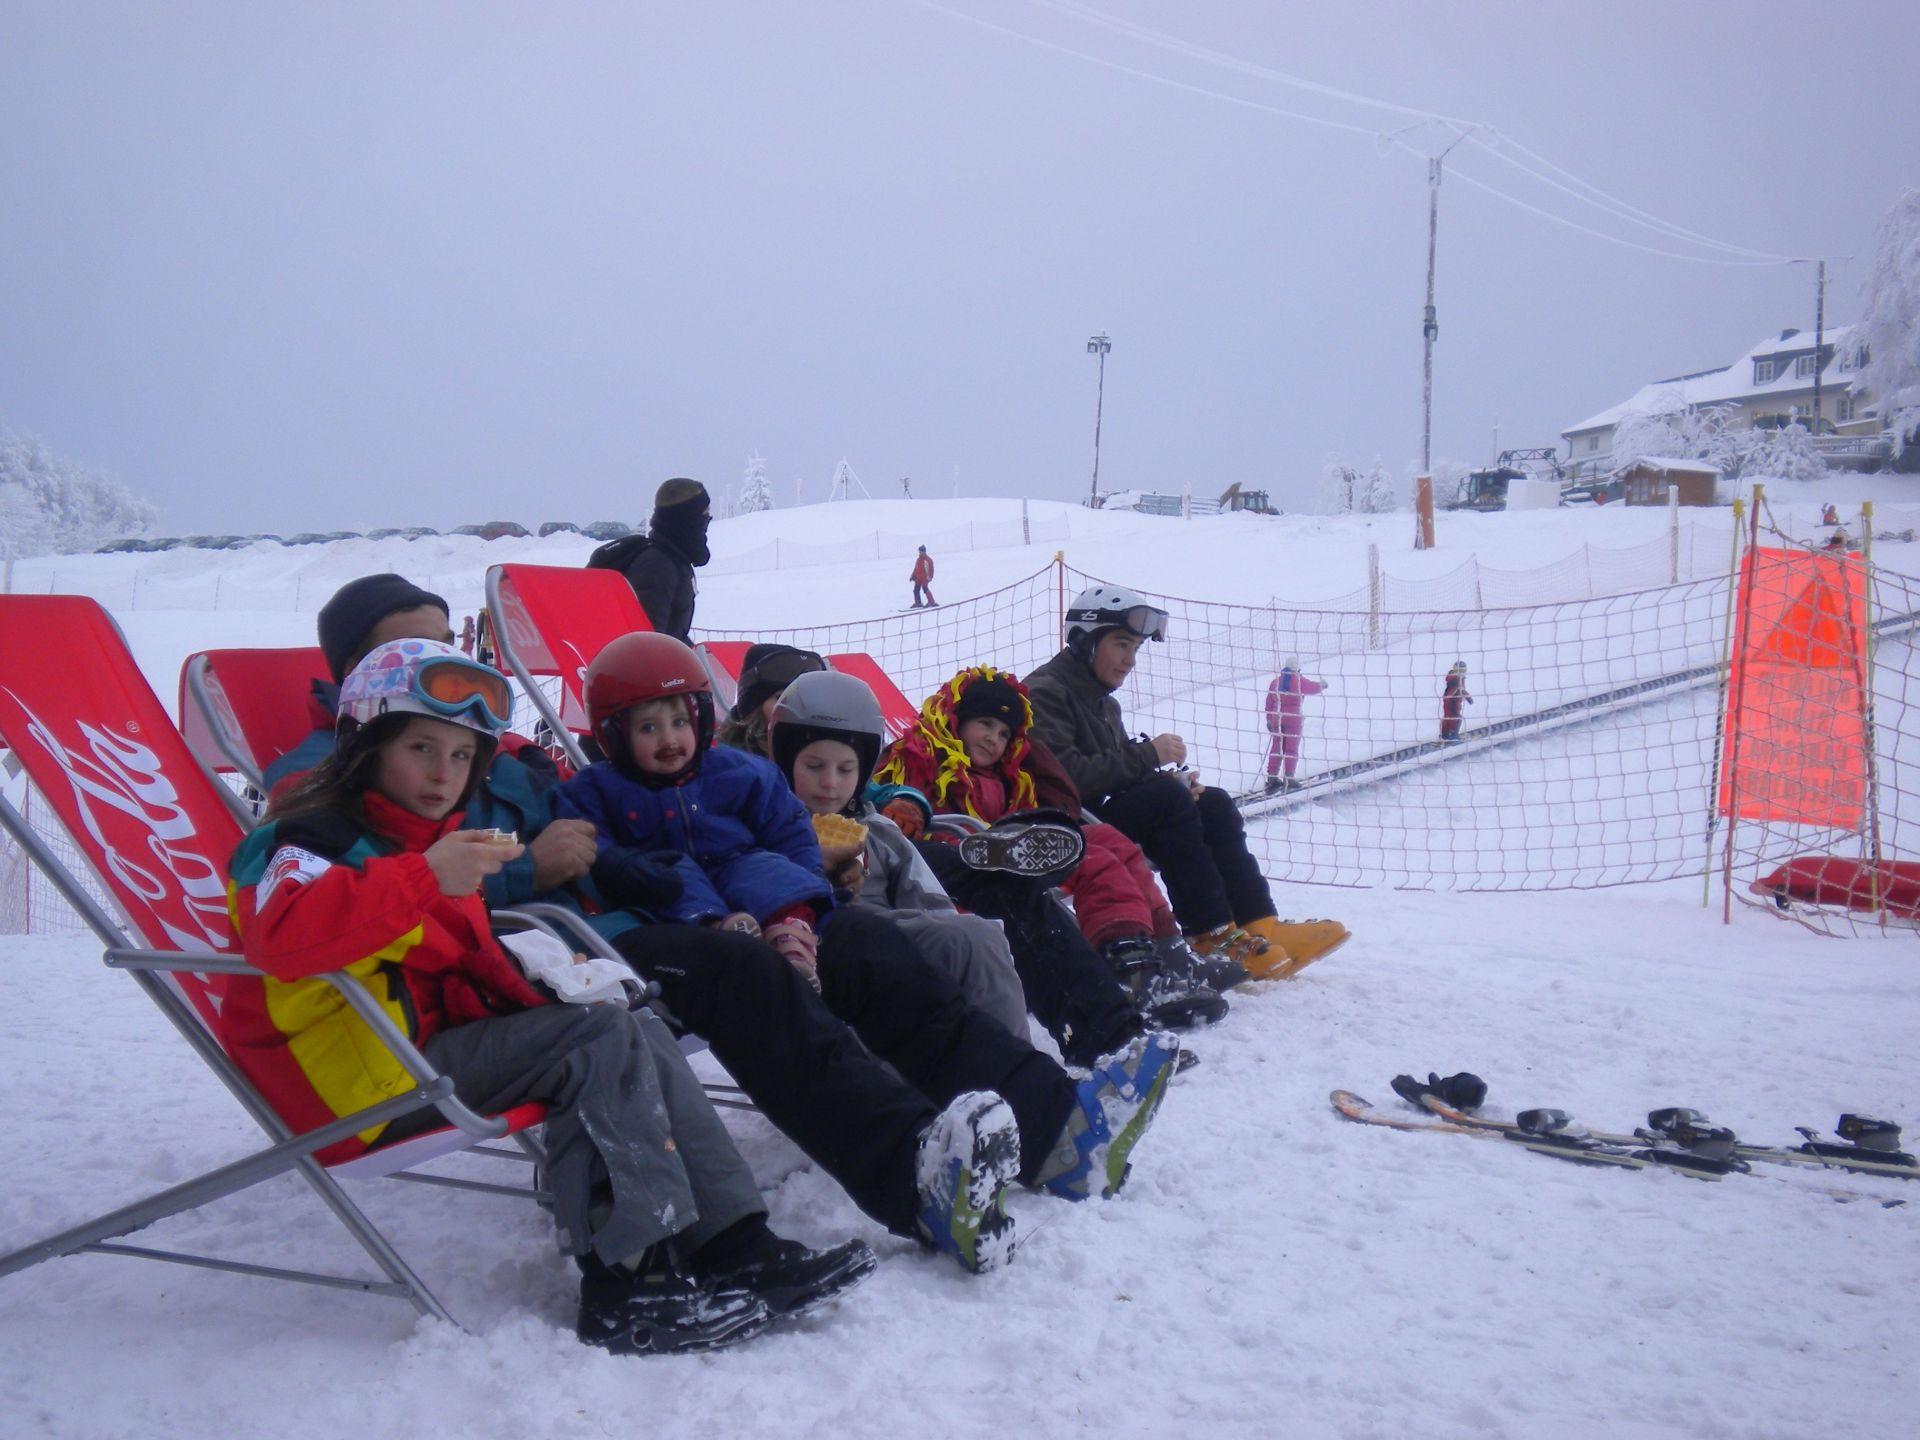 Le rouge gazon ski resort st maurice sur moselle lorraine tourisme - Office du tourisme moselle ...